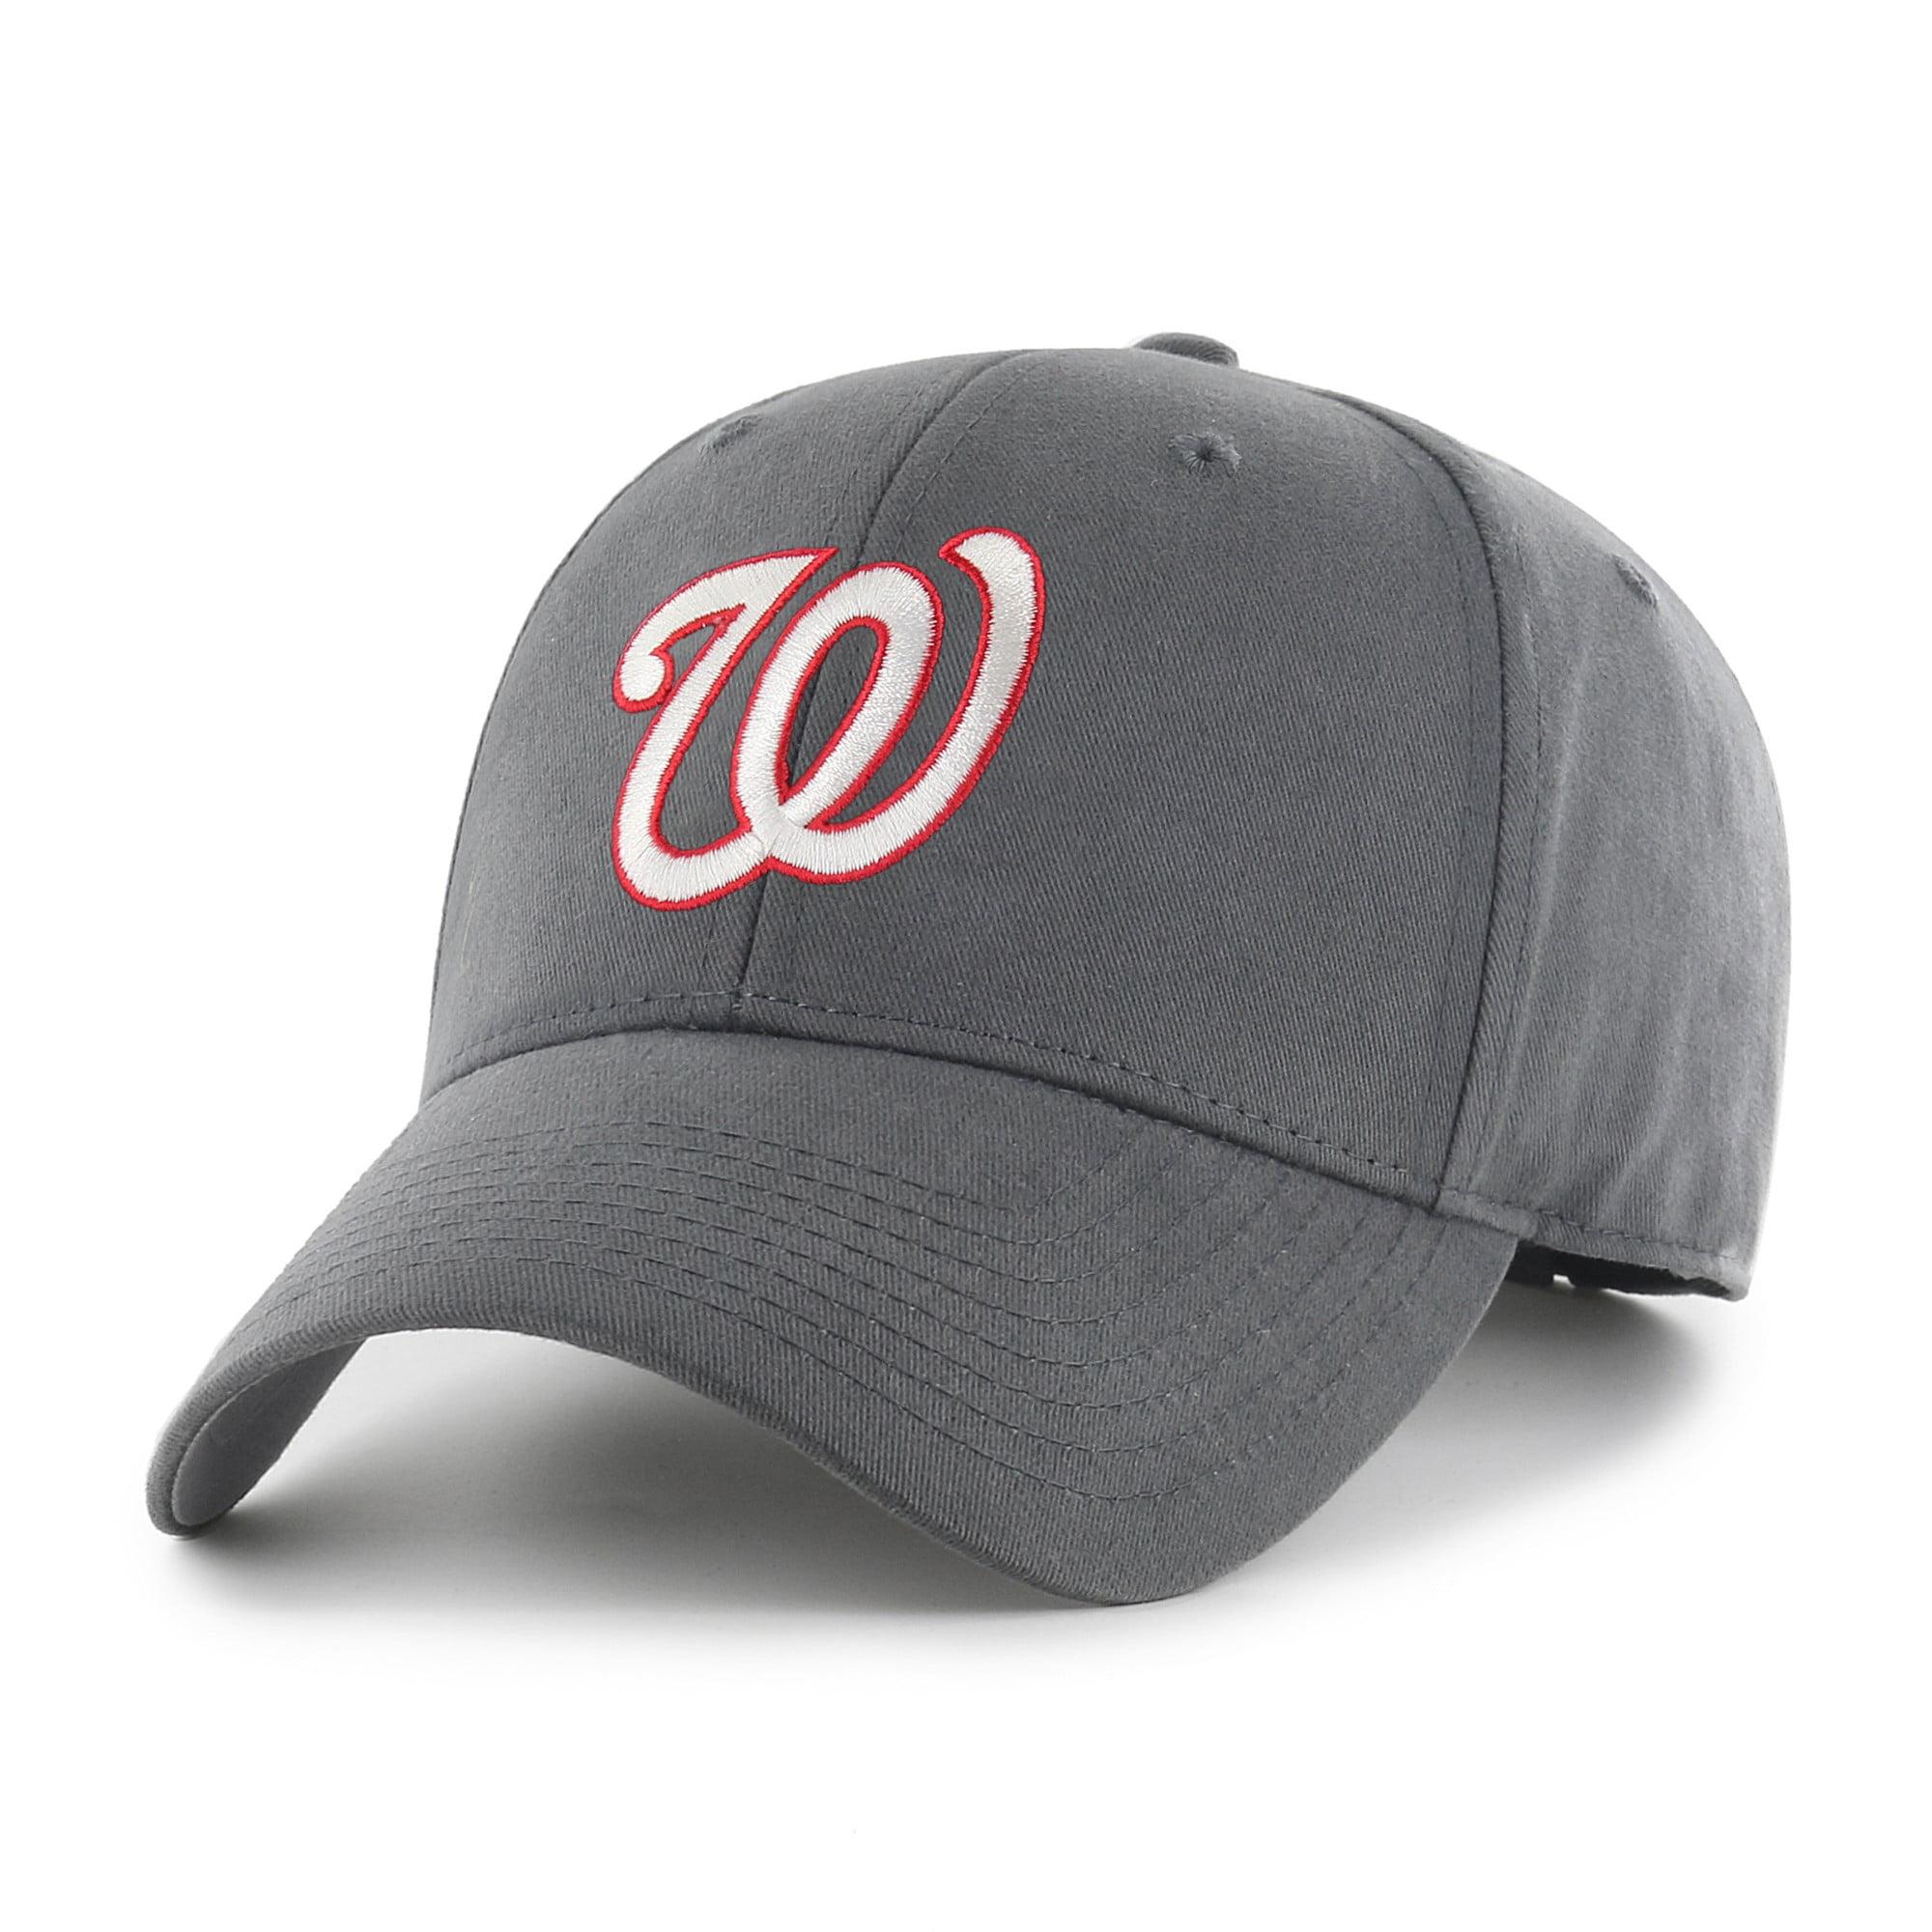 5cc5ddfd9d4 Washington Nationals Team Shop - Walmart.com